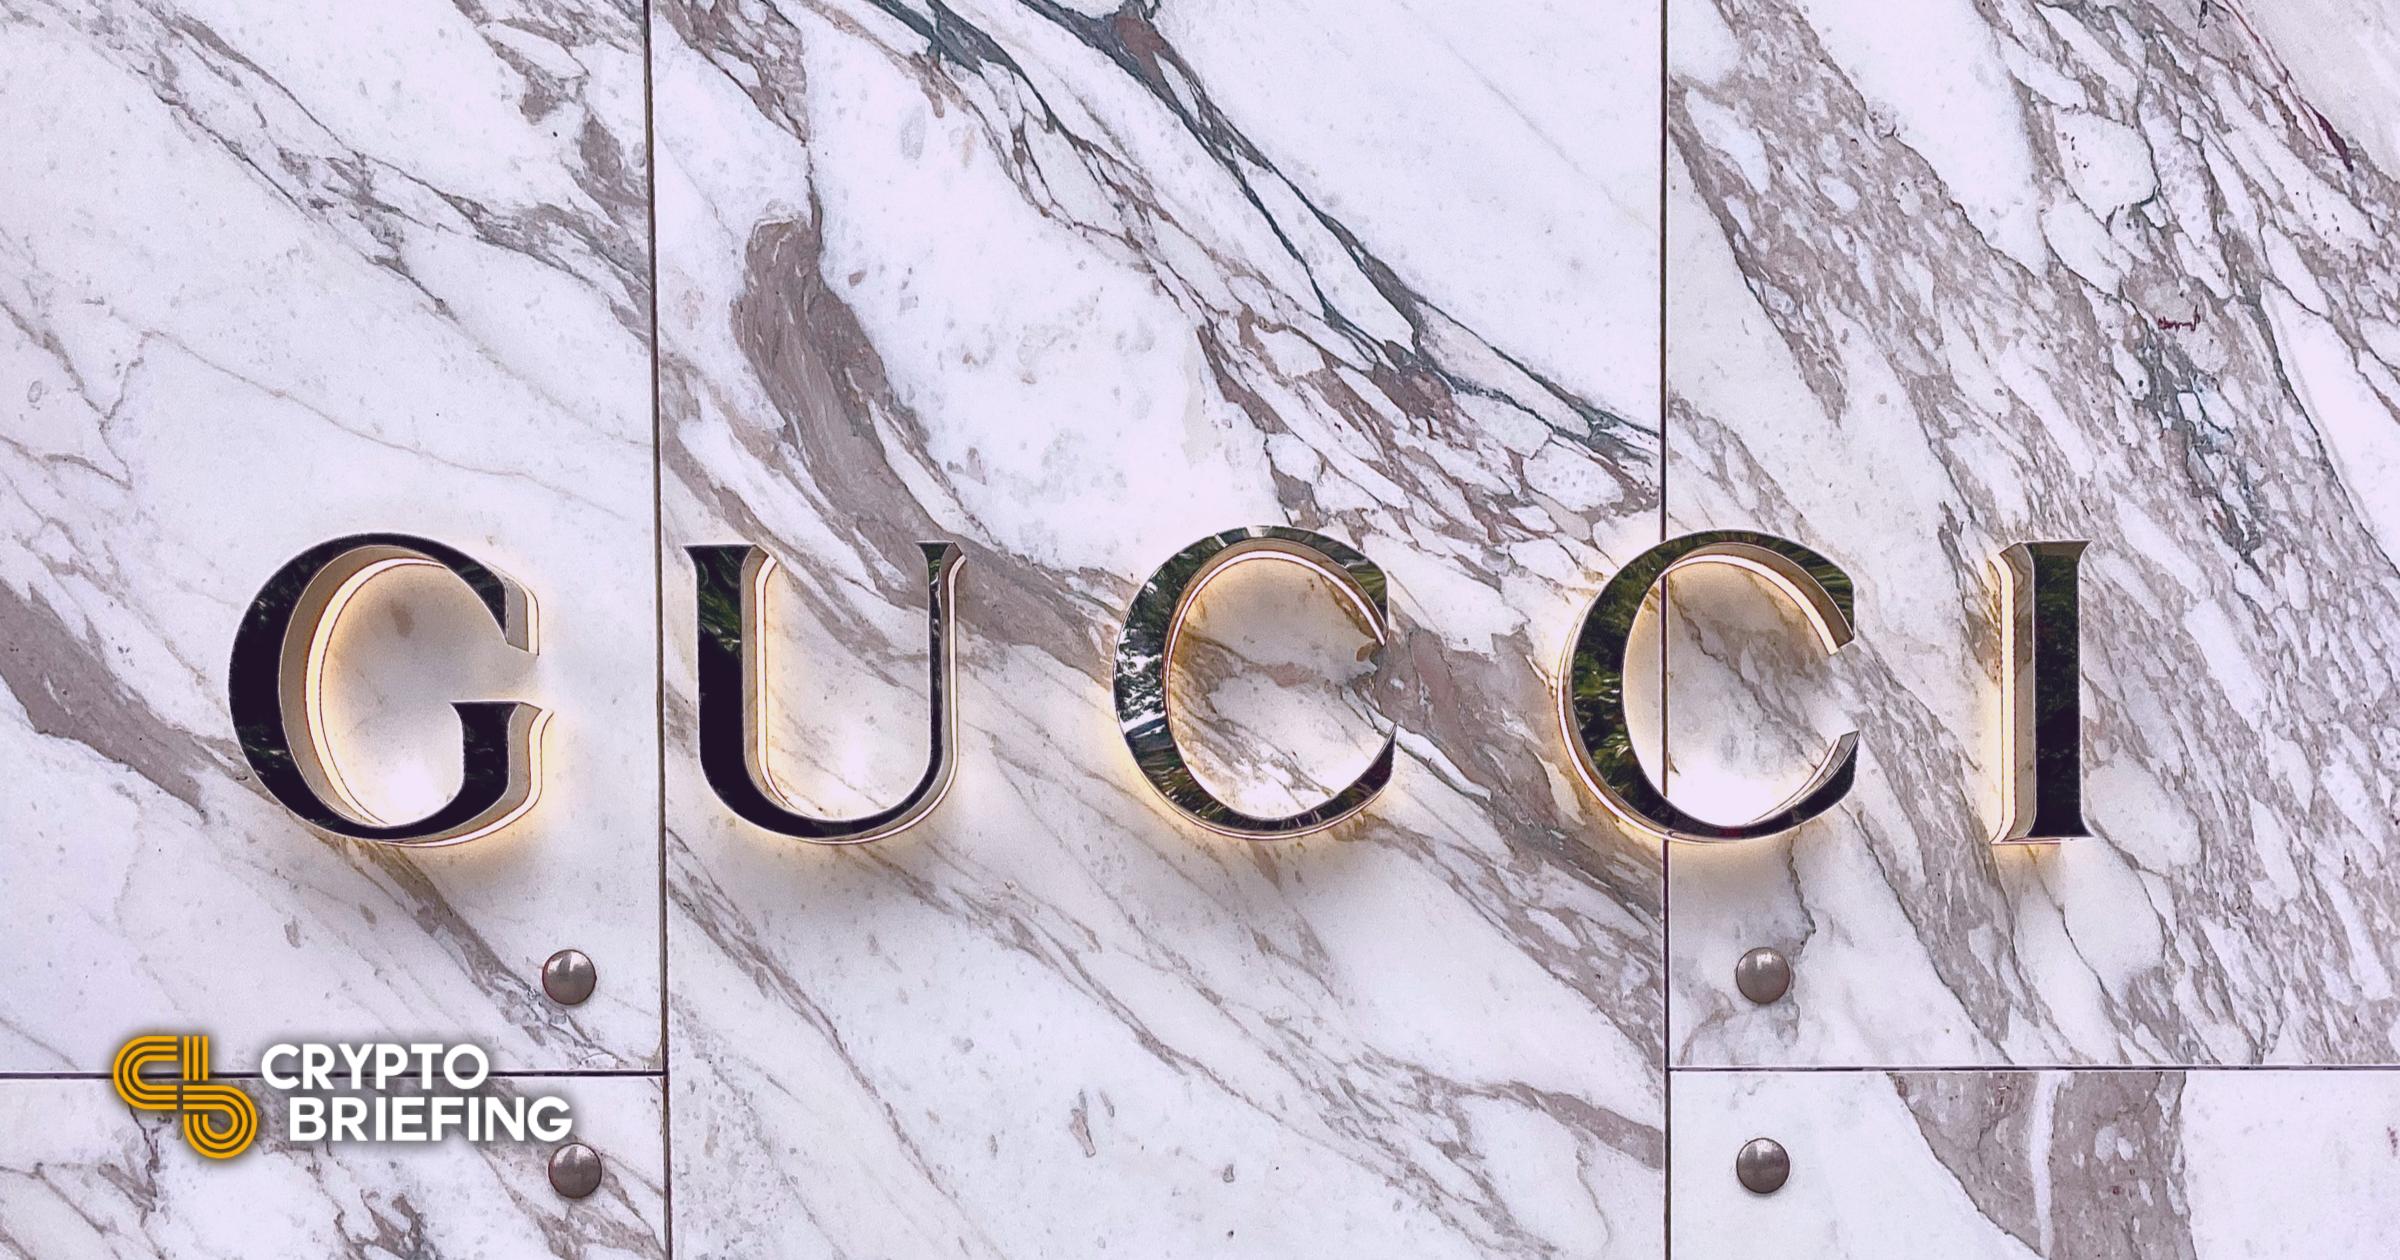 La marca de lujo Gucci presuntamente apunta al espacio NFT